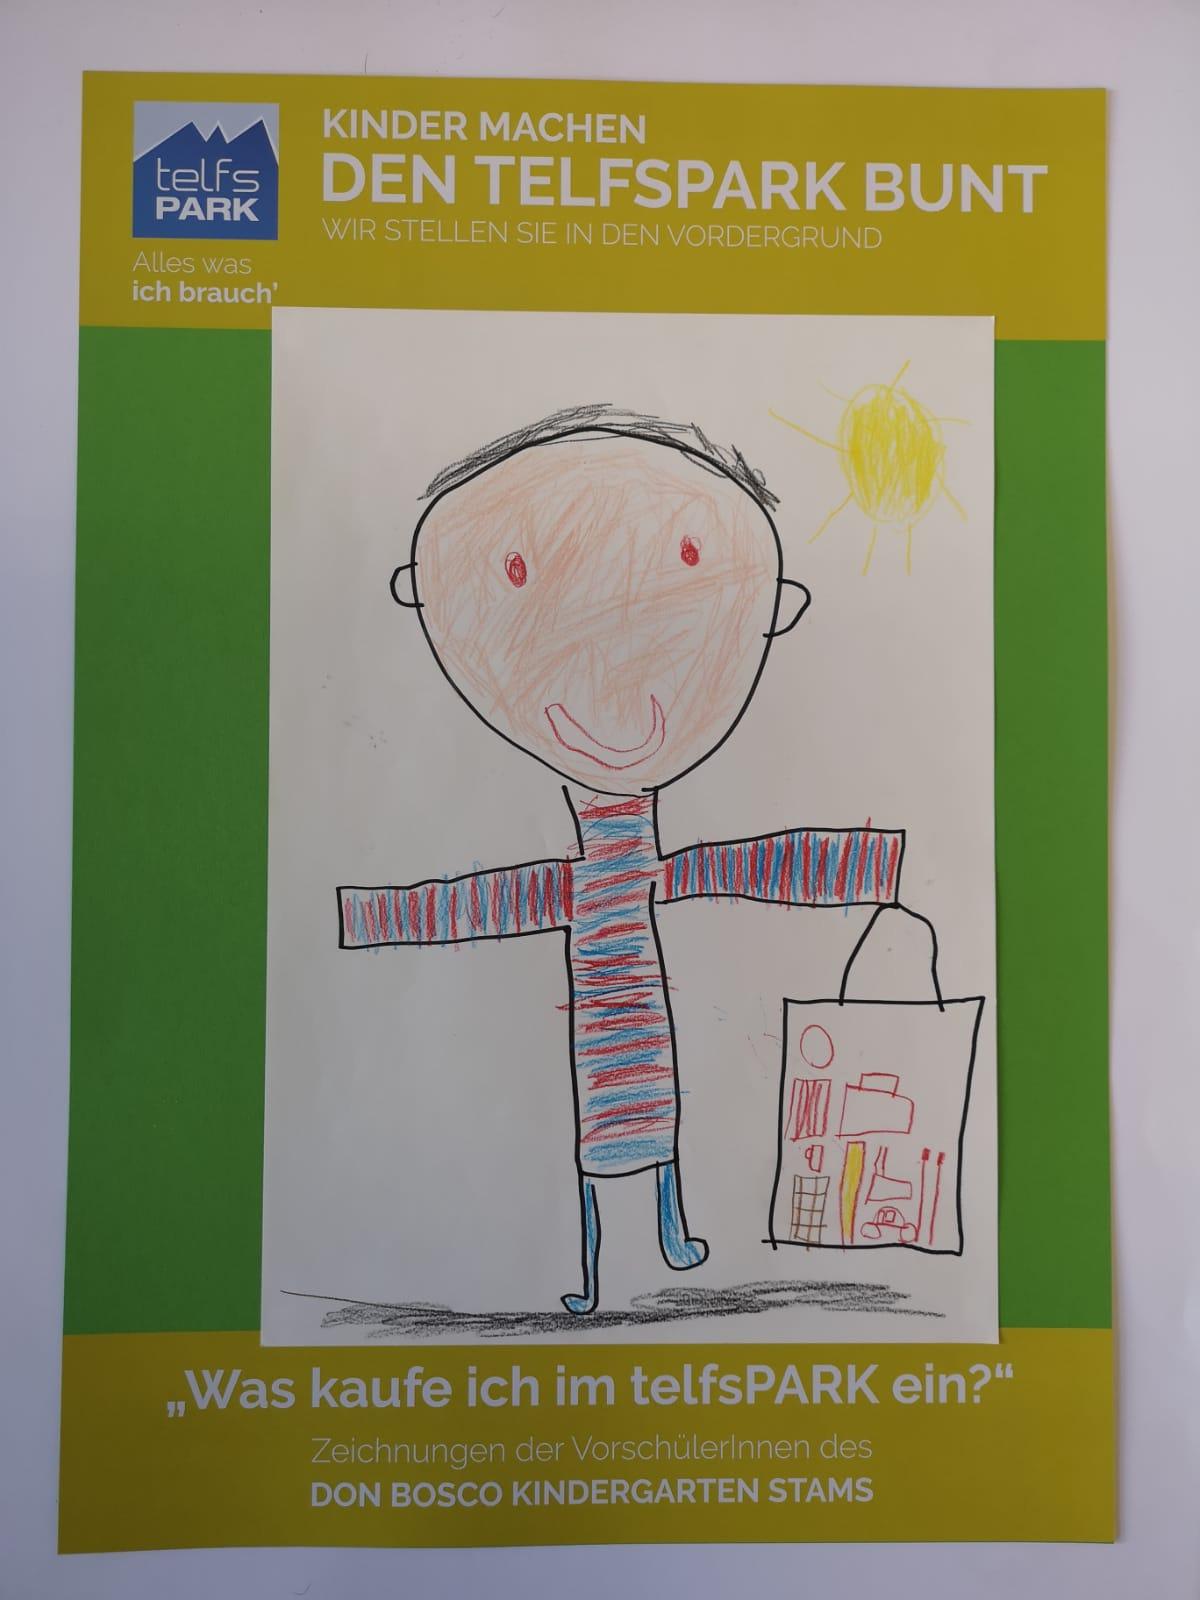 kindergarten-stams-2.jpg